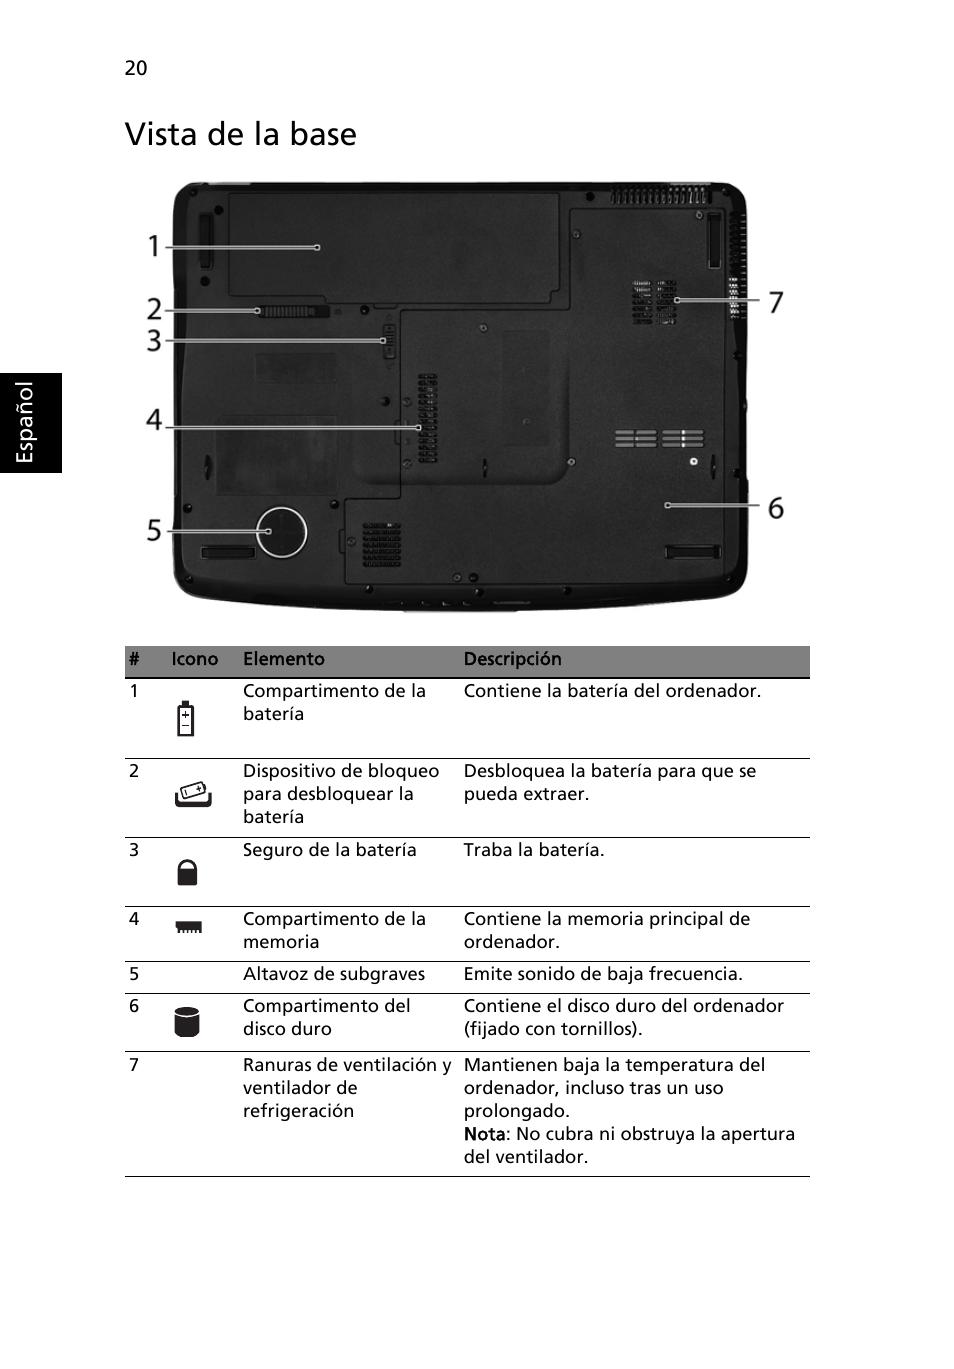 Vista de la base, Vista trasera | Acer Aspire 5920 Manual del usuario |  Página 40 / 120